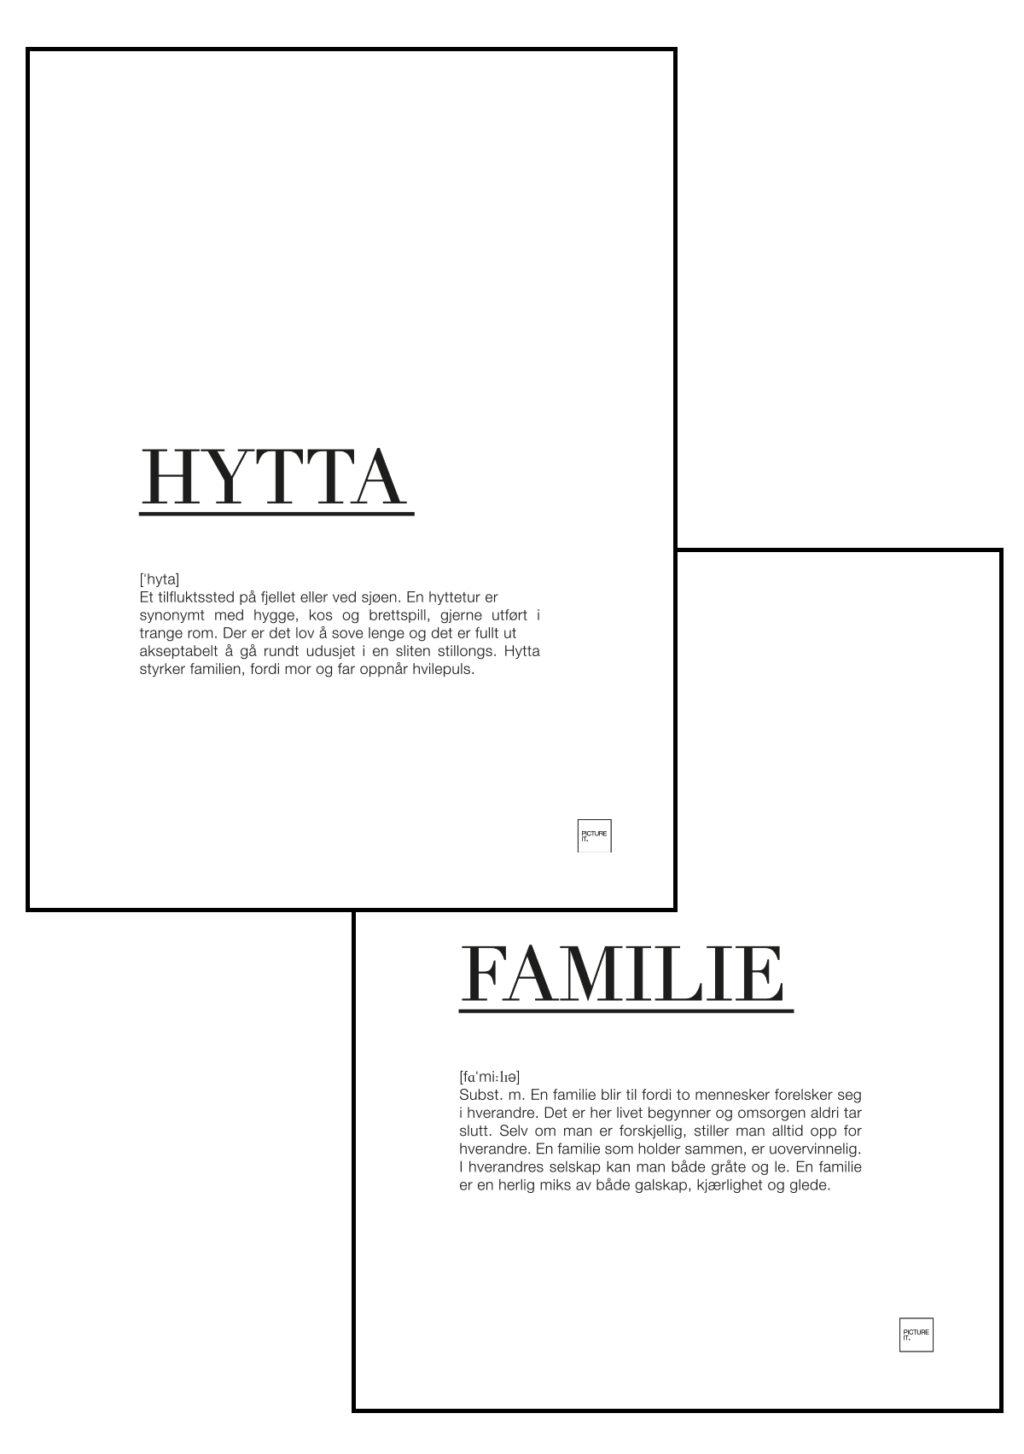 familie + hytta